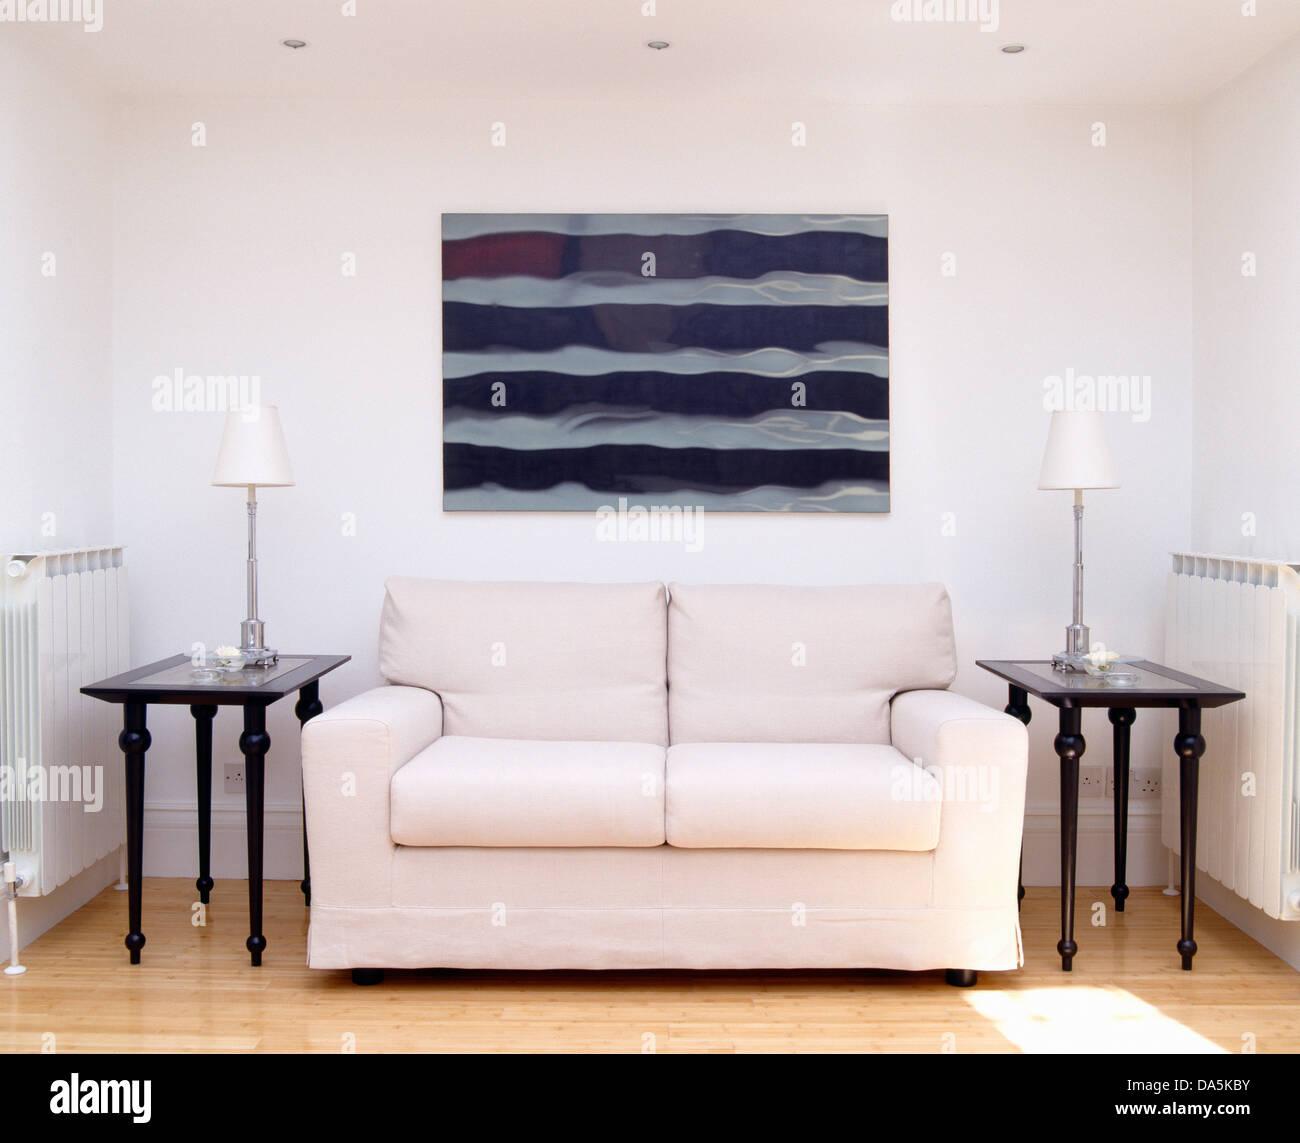 Graue Schwarze Abstrakte Malerei Ber Dem Weissen Sofa Und Zwei Tische Mit Lampen Im Modernen Wohnzimmer Glasdach